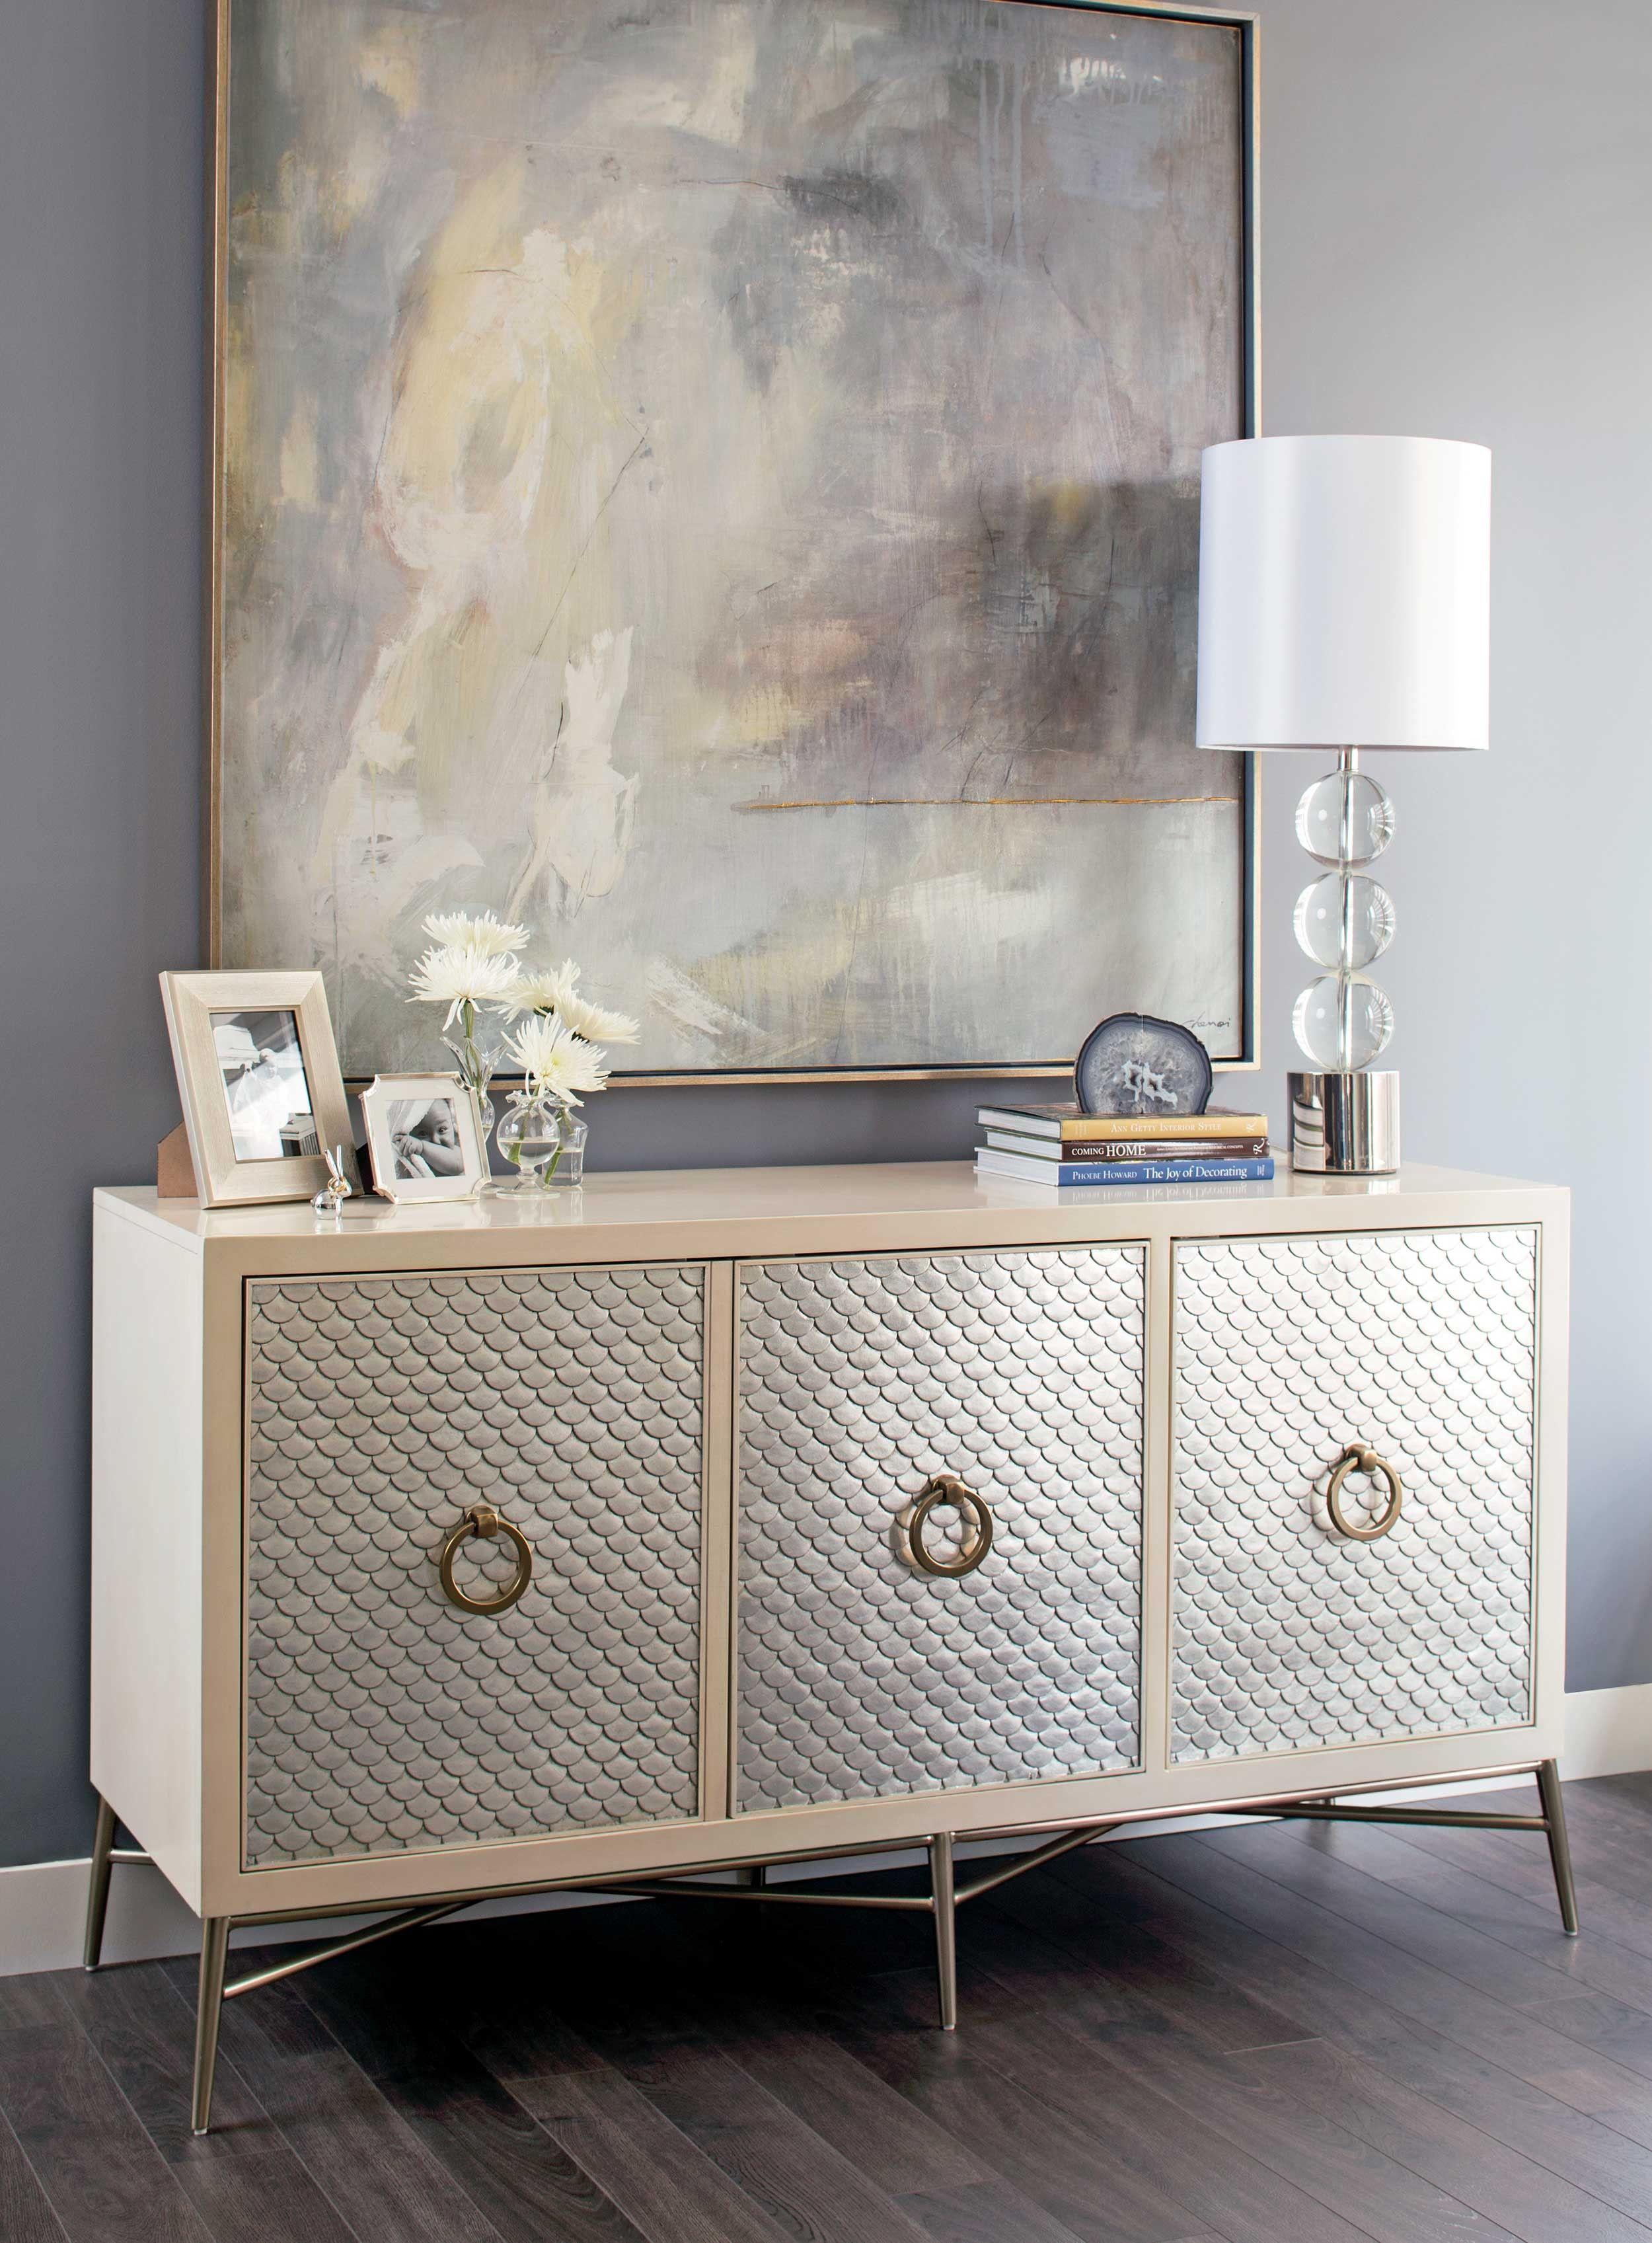 Armario Itatiaia Completo ~ Luxury Sideboard Grey sideboard Entryway decor ideas Luxury furniture Interior design